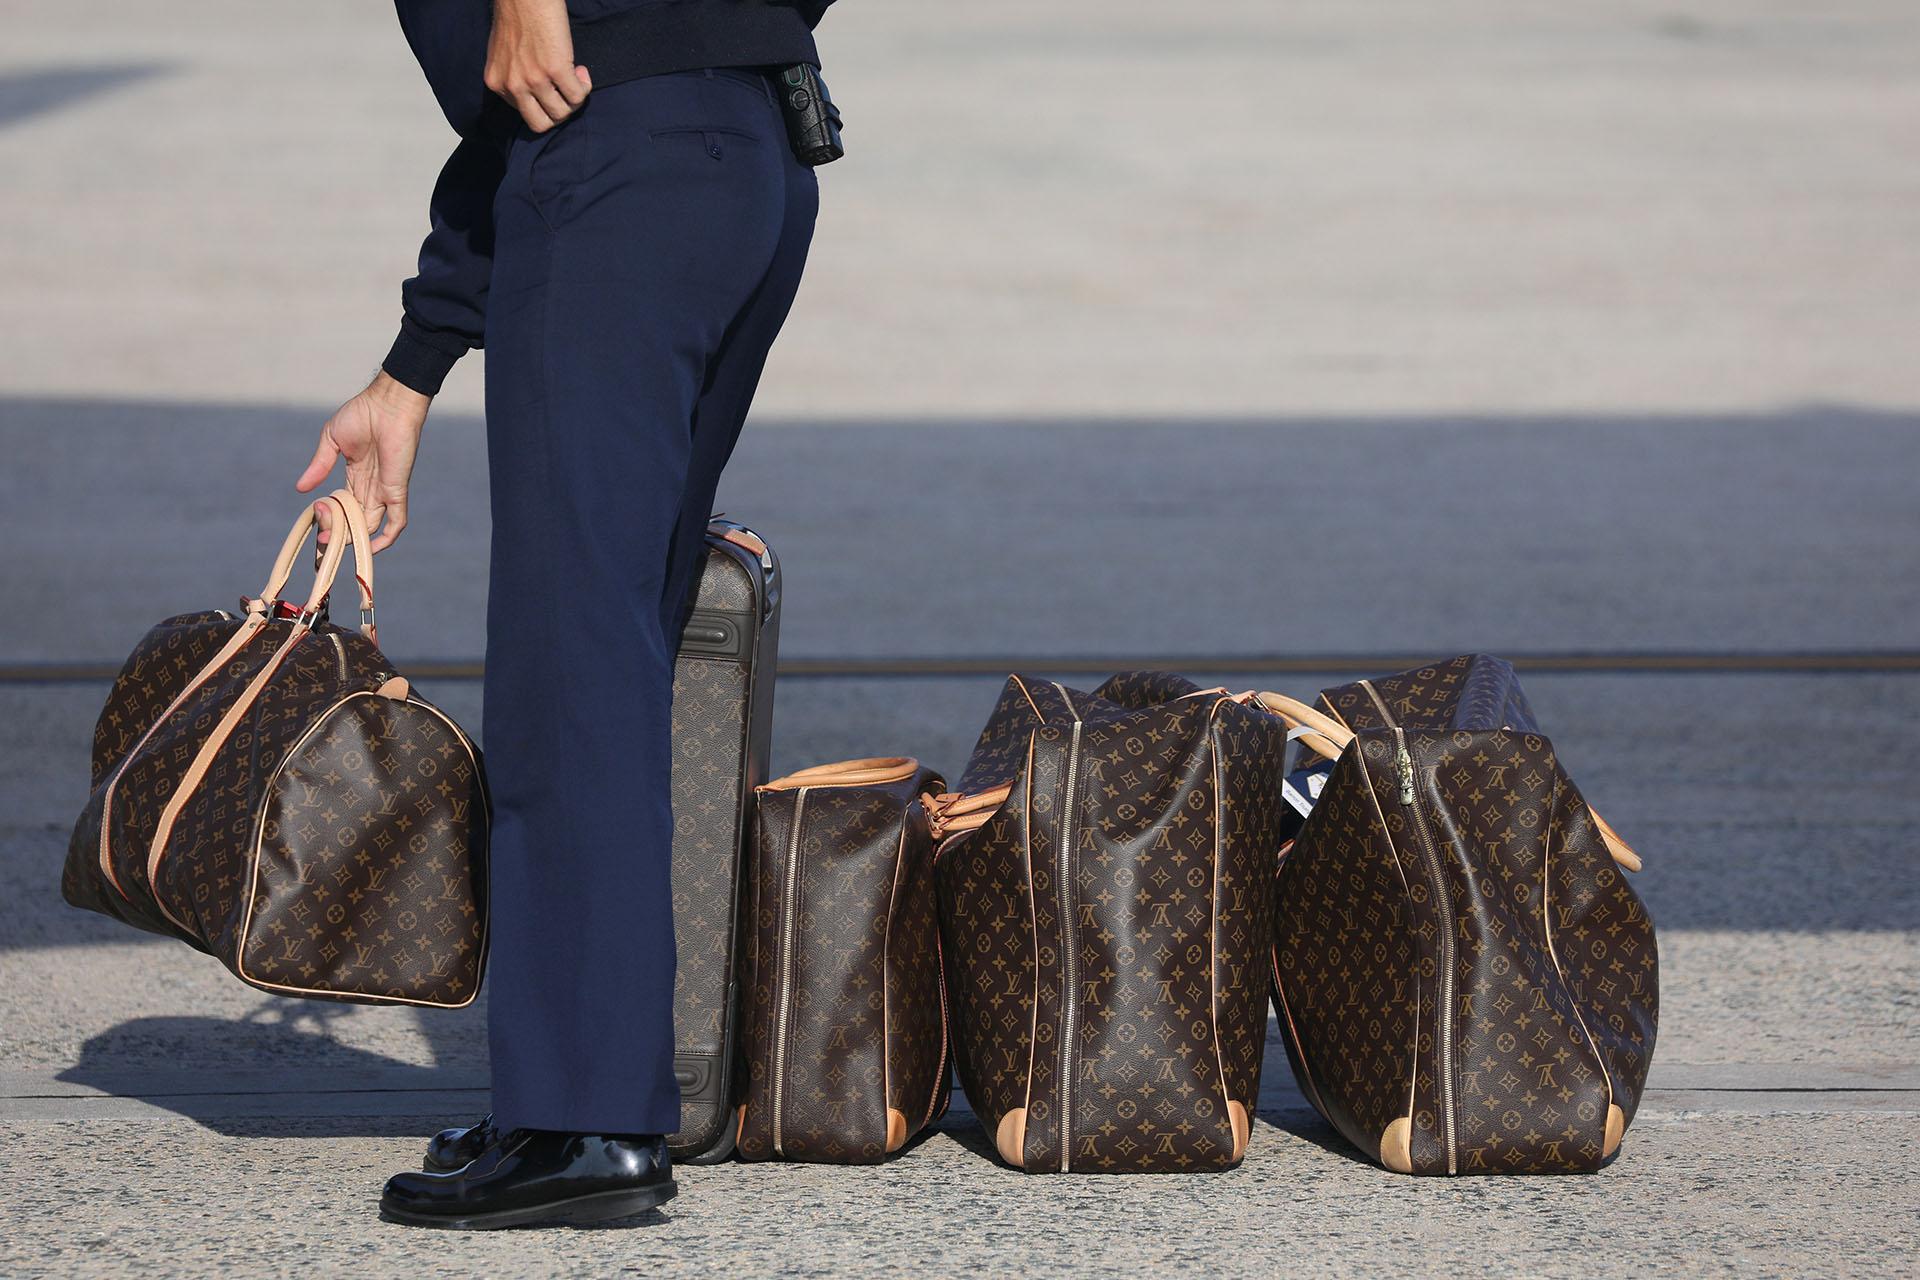 El equipaje de viaje Louis Vuitton de la primera dama